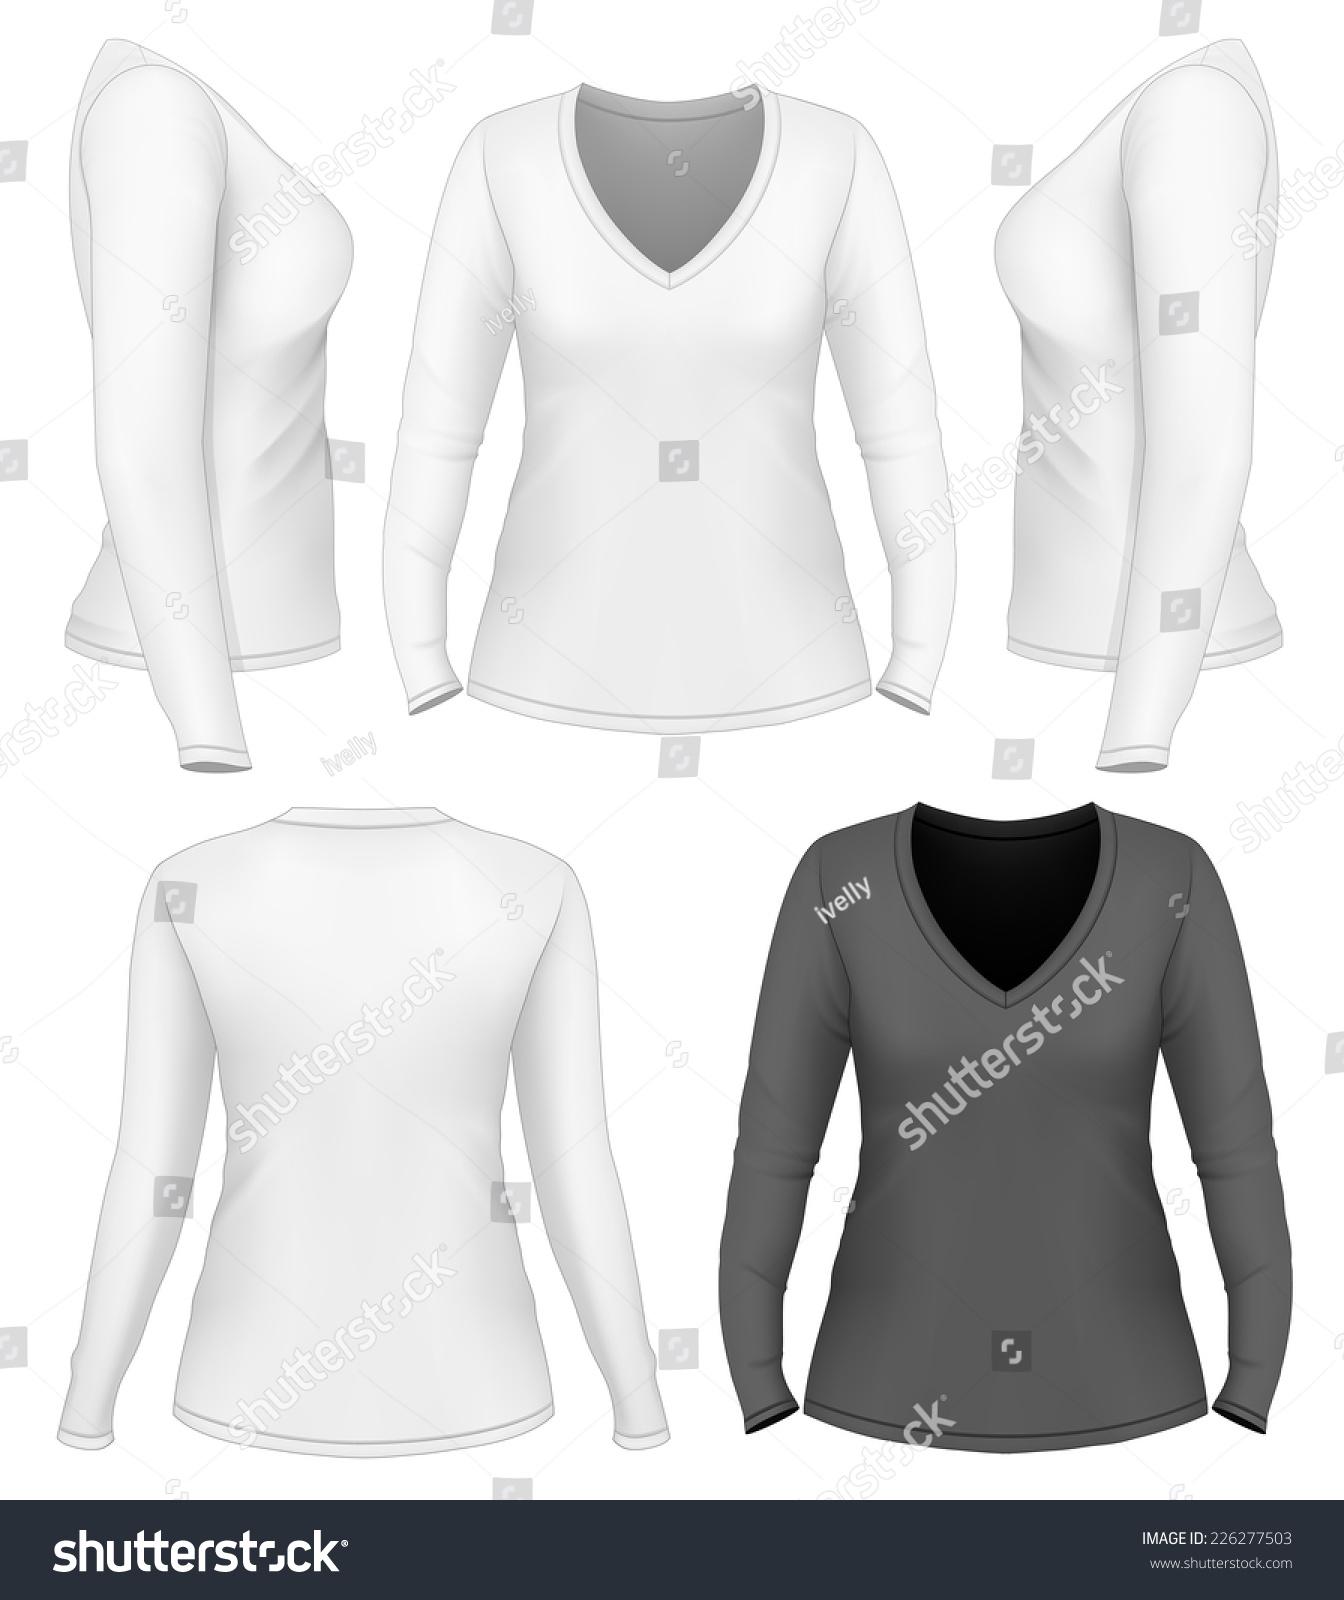 women 39 s v neck long sleeve t shirt design template front back side views vector. Black Bedroom Furniture Sets. Home Design Ideas